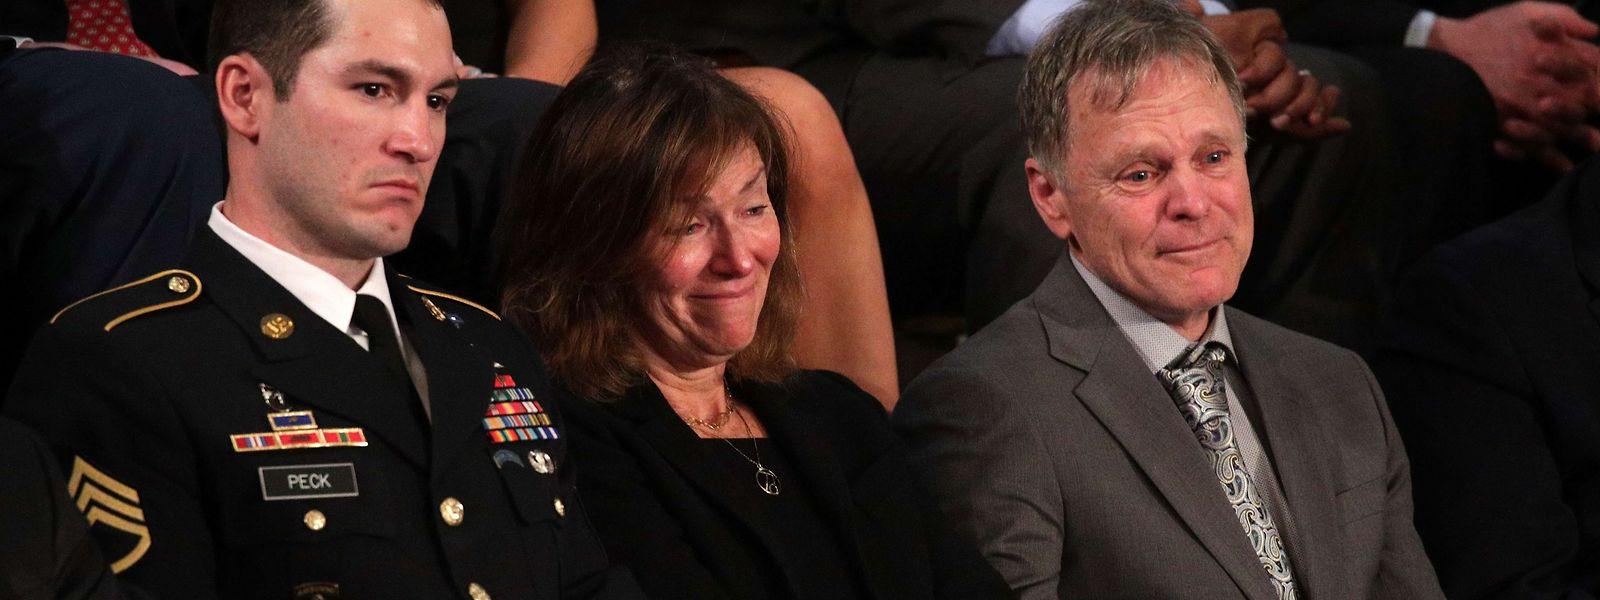 Ehrengäste: Fred (r.) und Cindy Warmbier bei Trumps Rede zur Lage der Nation.